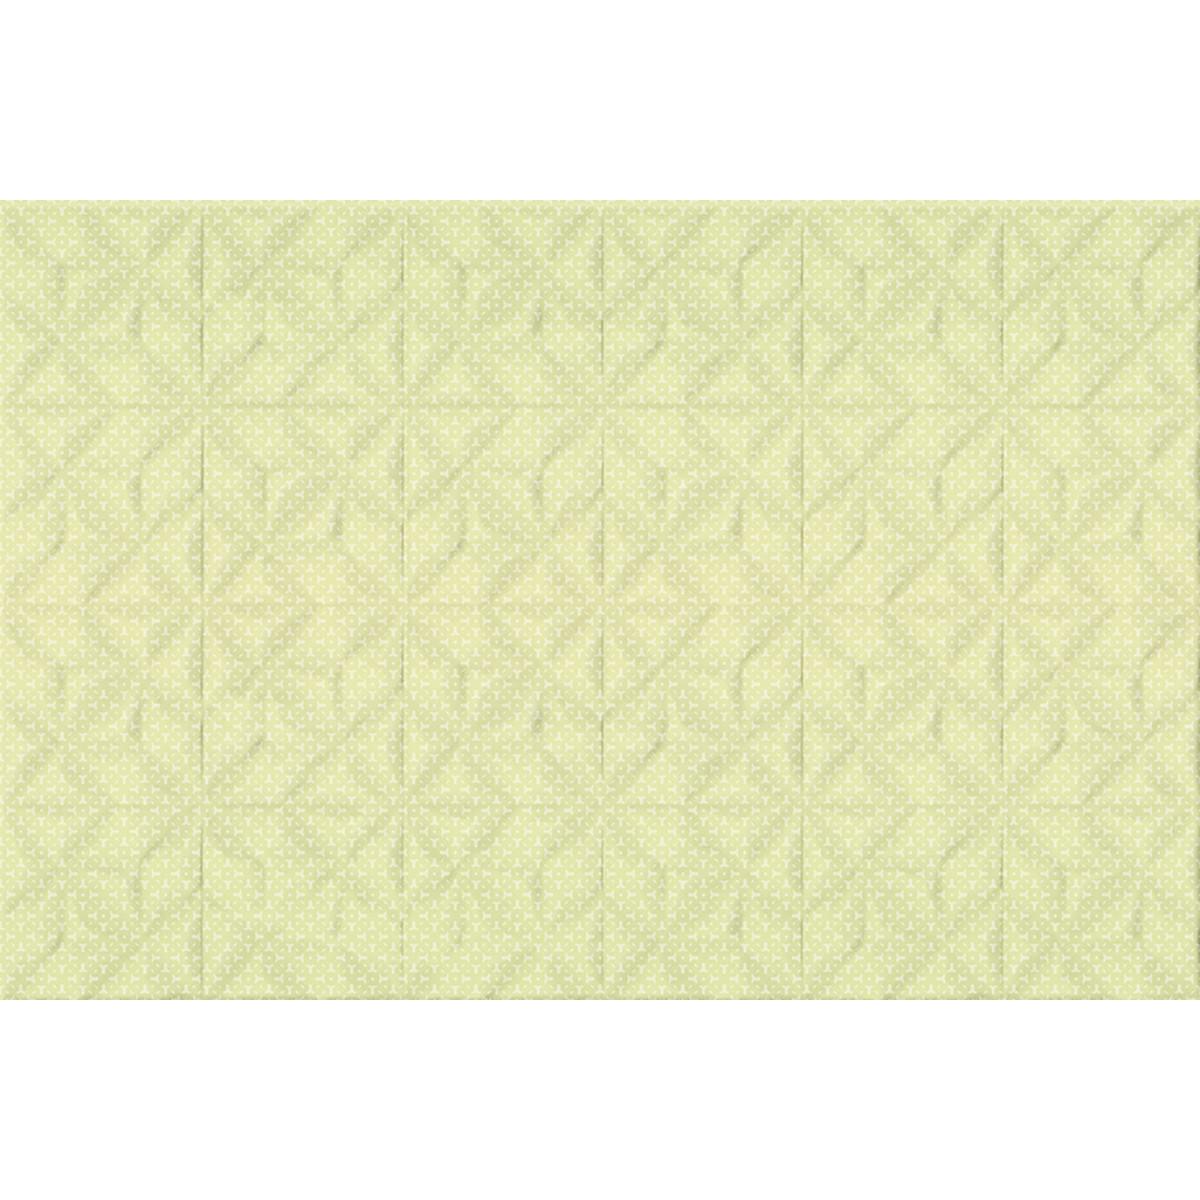 Плитка настенная Aster 30х45 см 1.35 м2 цвет зеленый